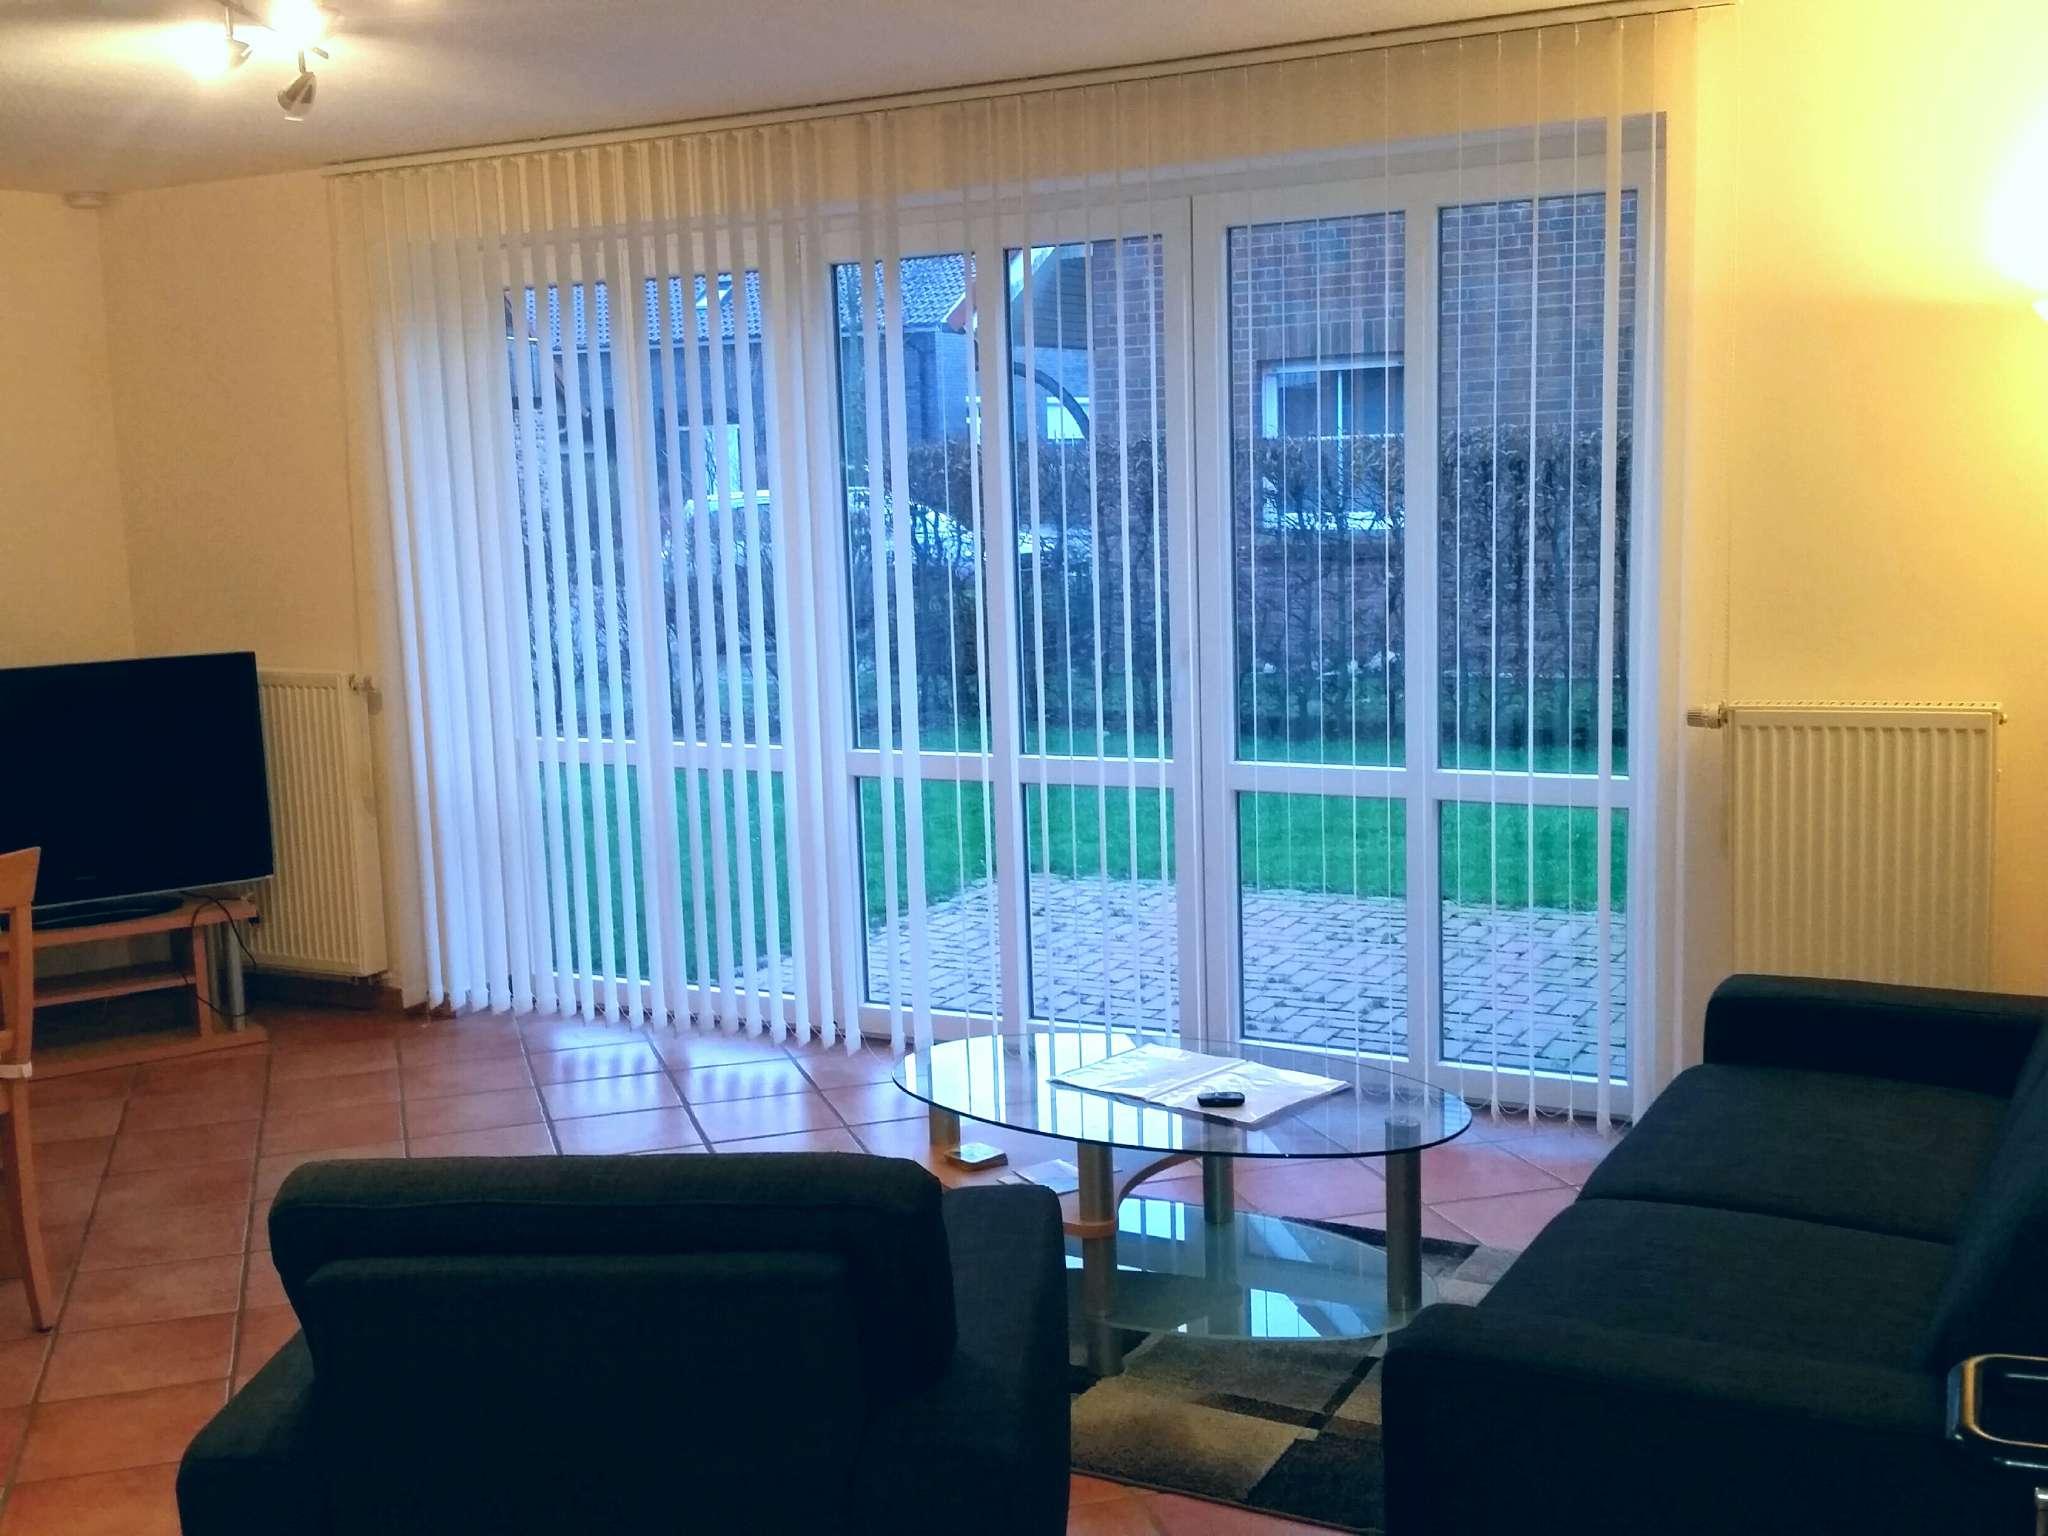 Wohnzimmer mit K�chenzeile